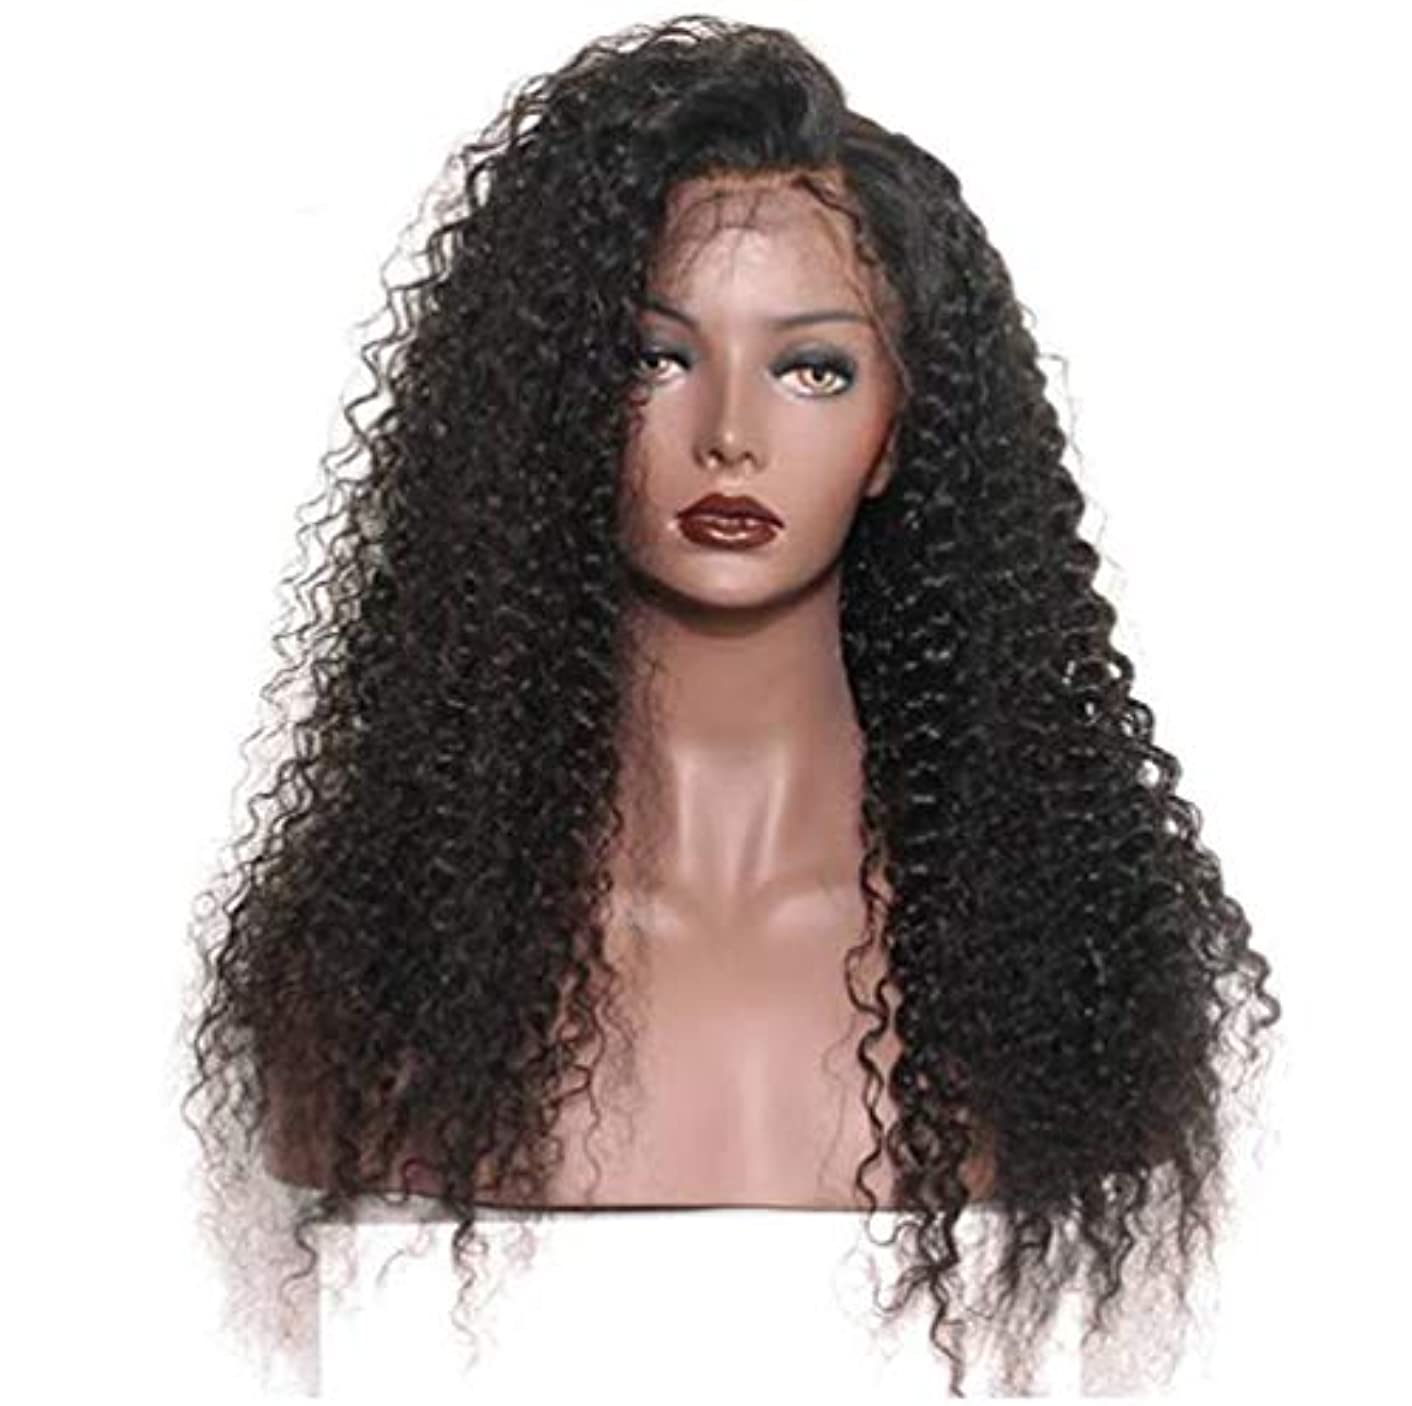 確認してください証言意欲女性のレースフロントかつら人間の髪と赤ちゃんの毛合成ブラジルボディ波バージン毛150%密度黒24インチ